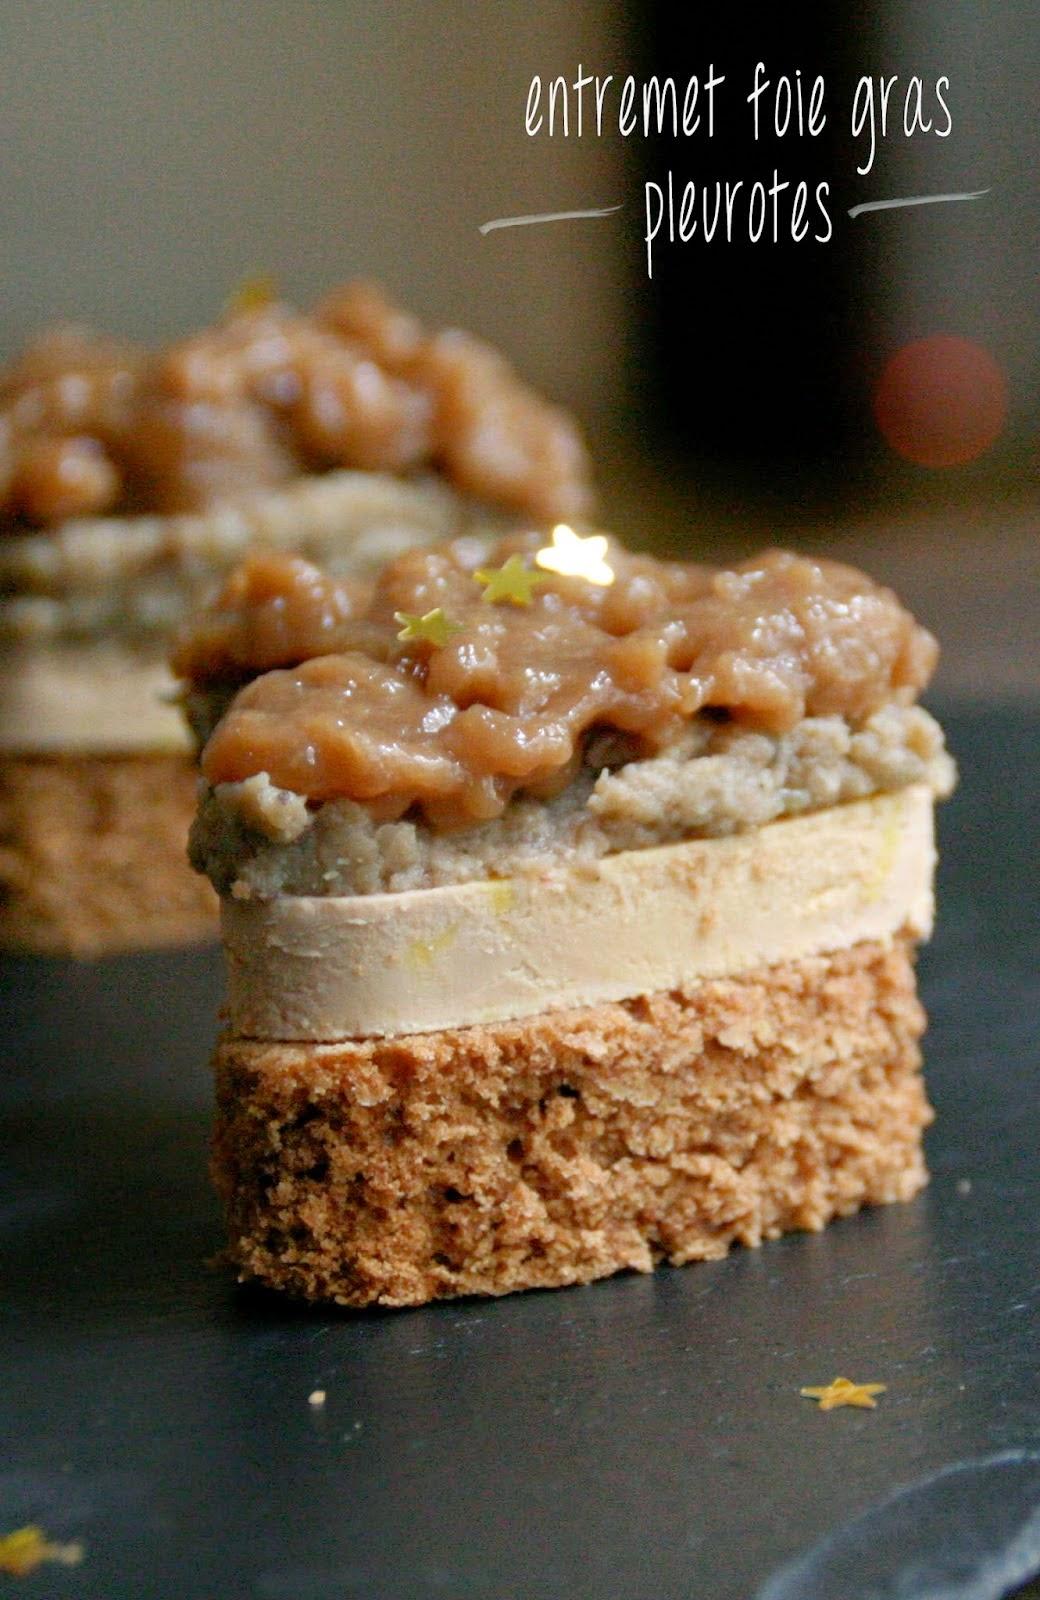 http://etcharlottedecouvritlacuisine.blogspot.fr/2014/12/entremets-foie-gras-pleurotes.html